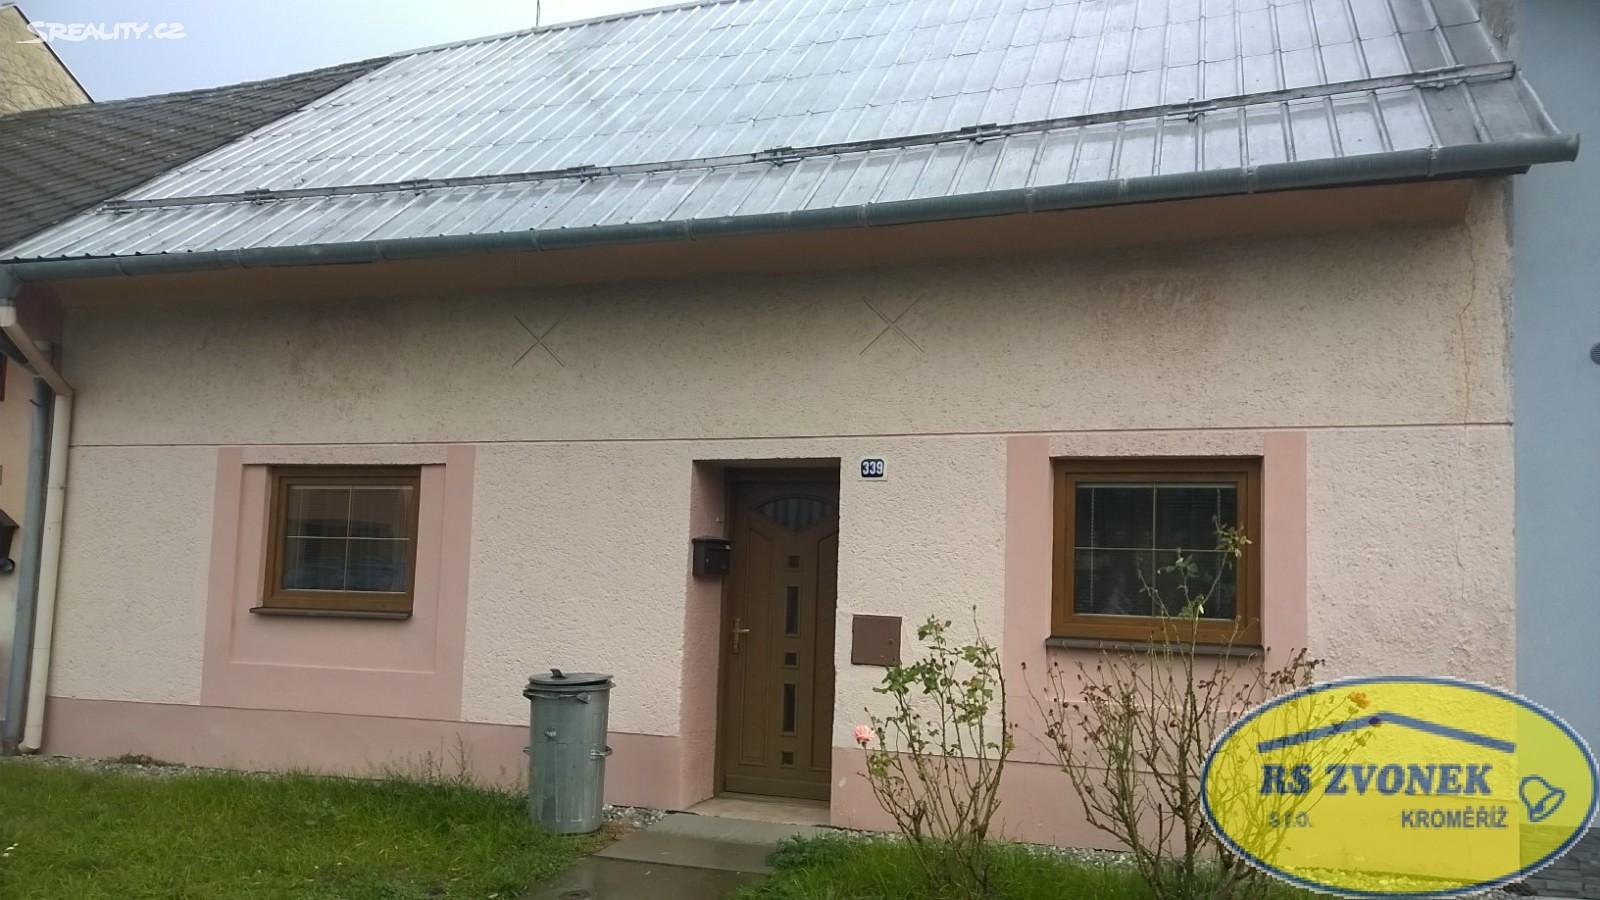 Prodej  rodinného domu 90m², pozemek 158m², Čechova, Hulín